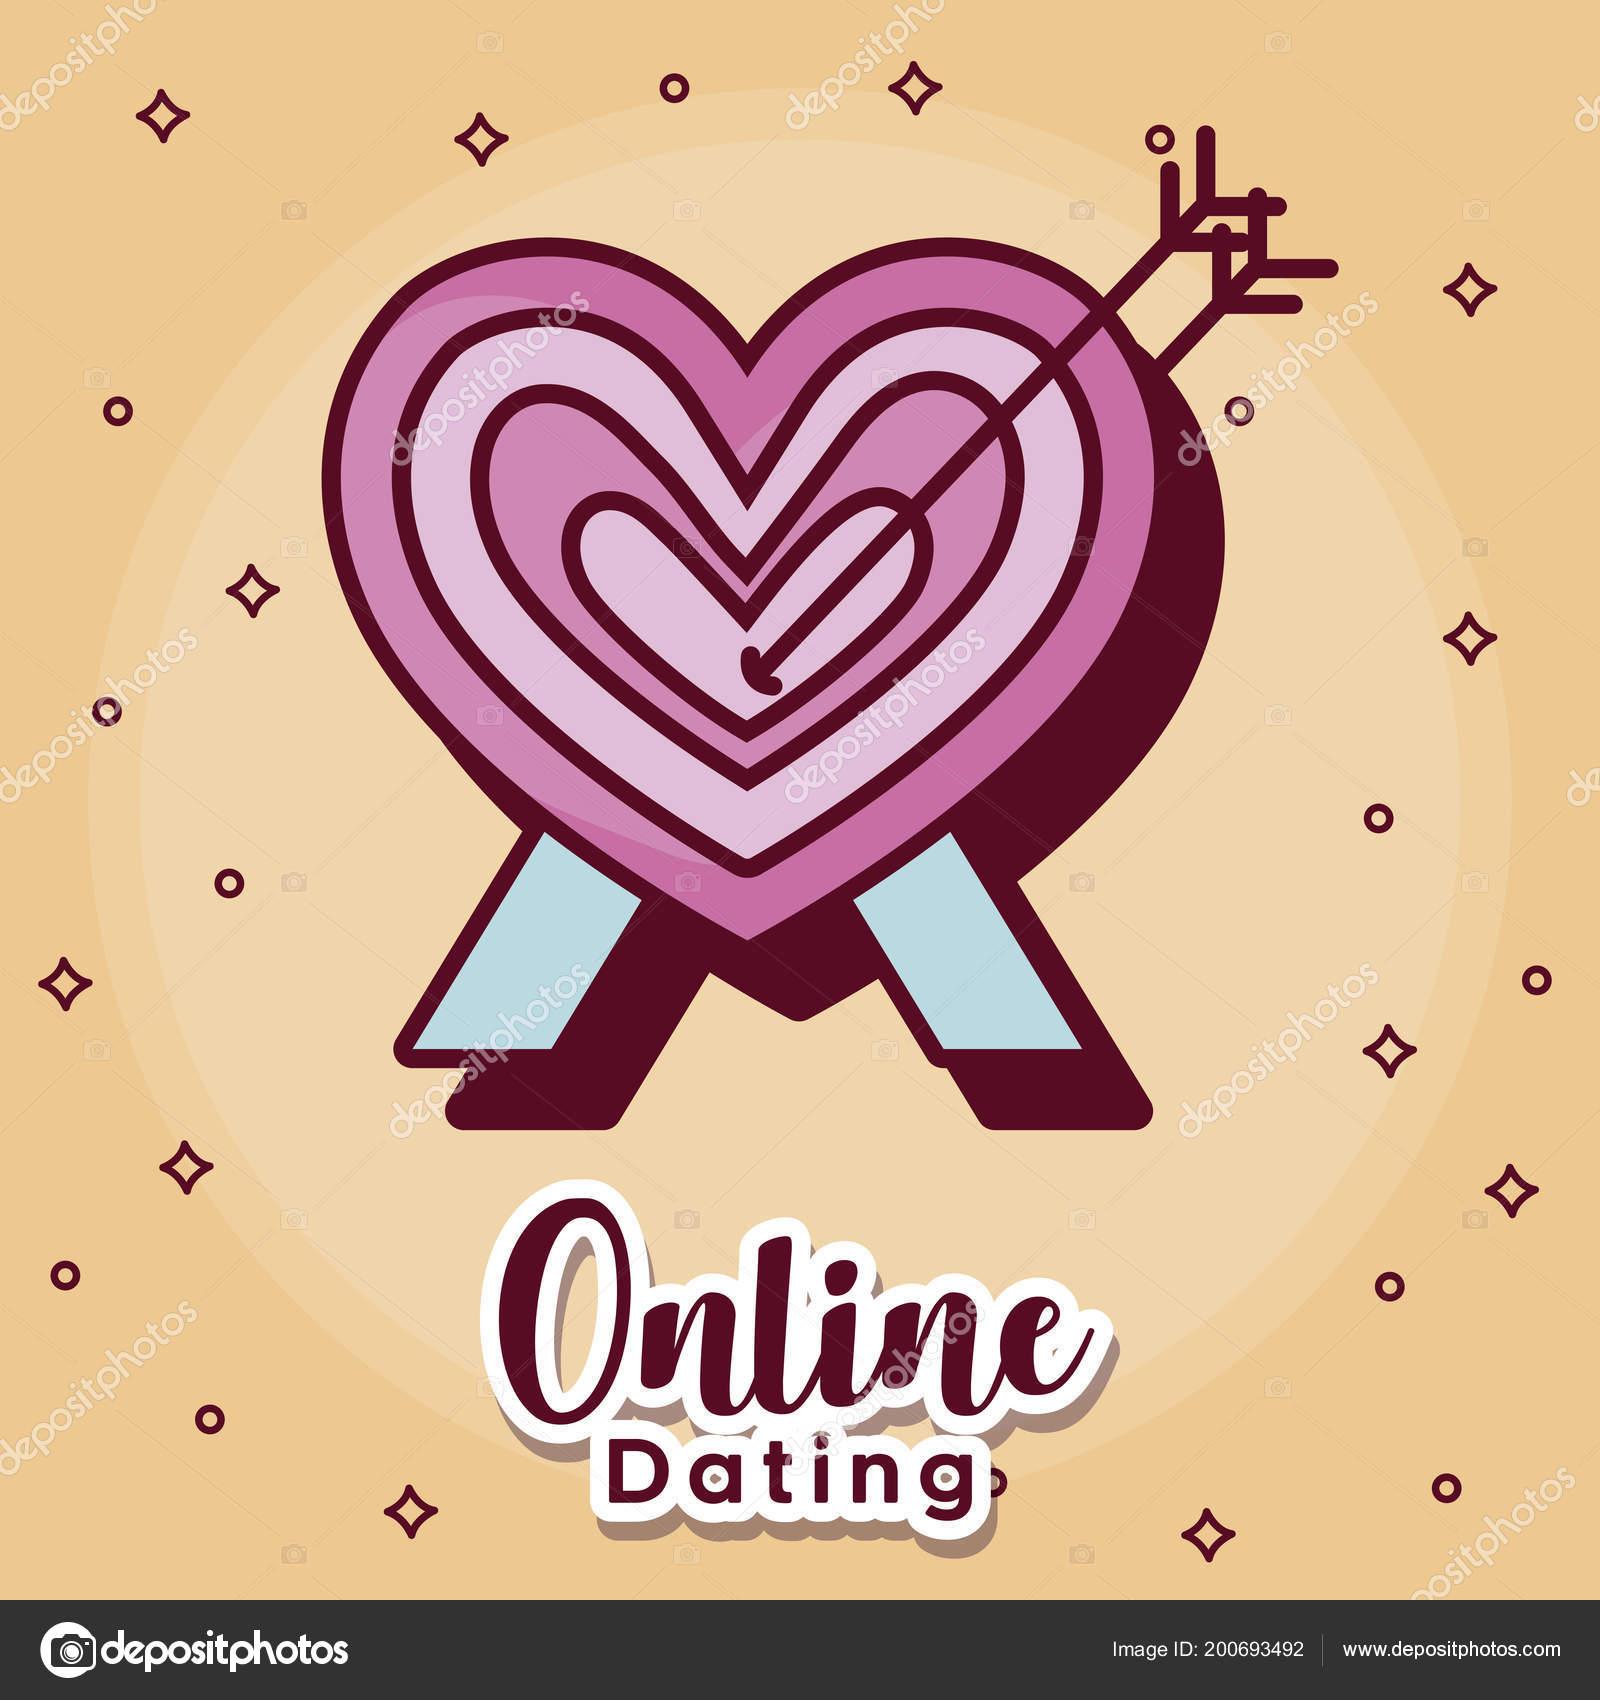 Hvordan å lage en interessant profil på en datingside